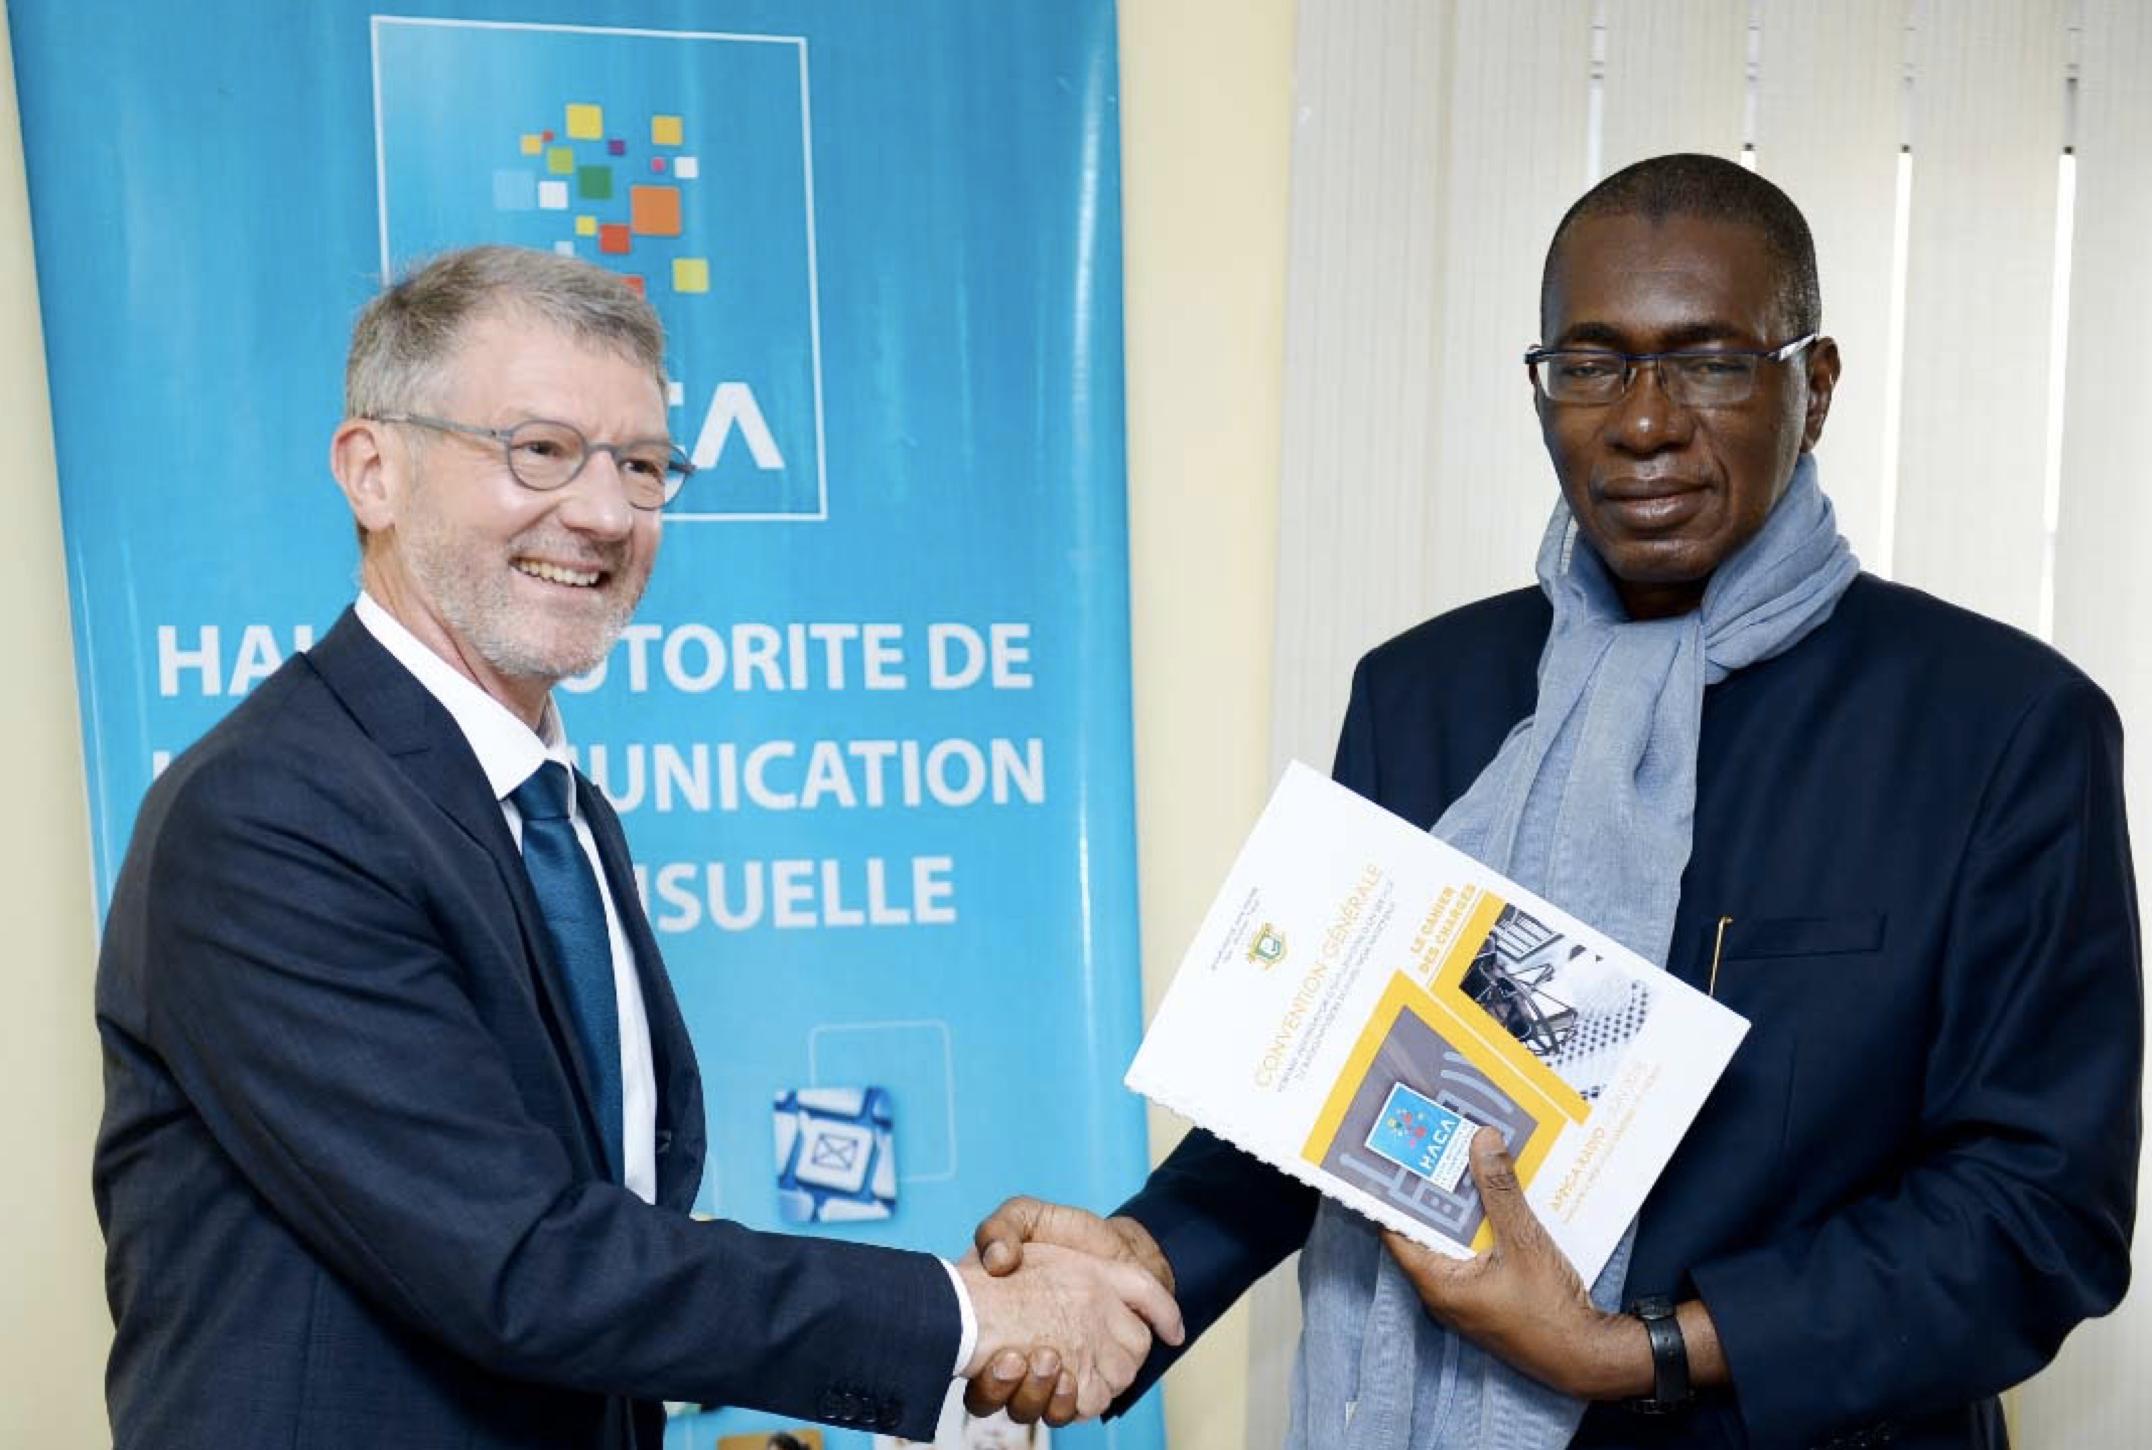 La radio couvrira dès la fin 2018 l'ensemble de l'agglomération d'Abidjan en modulation de fréquence.